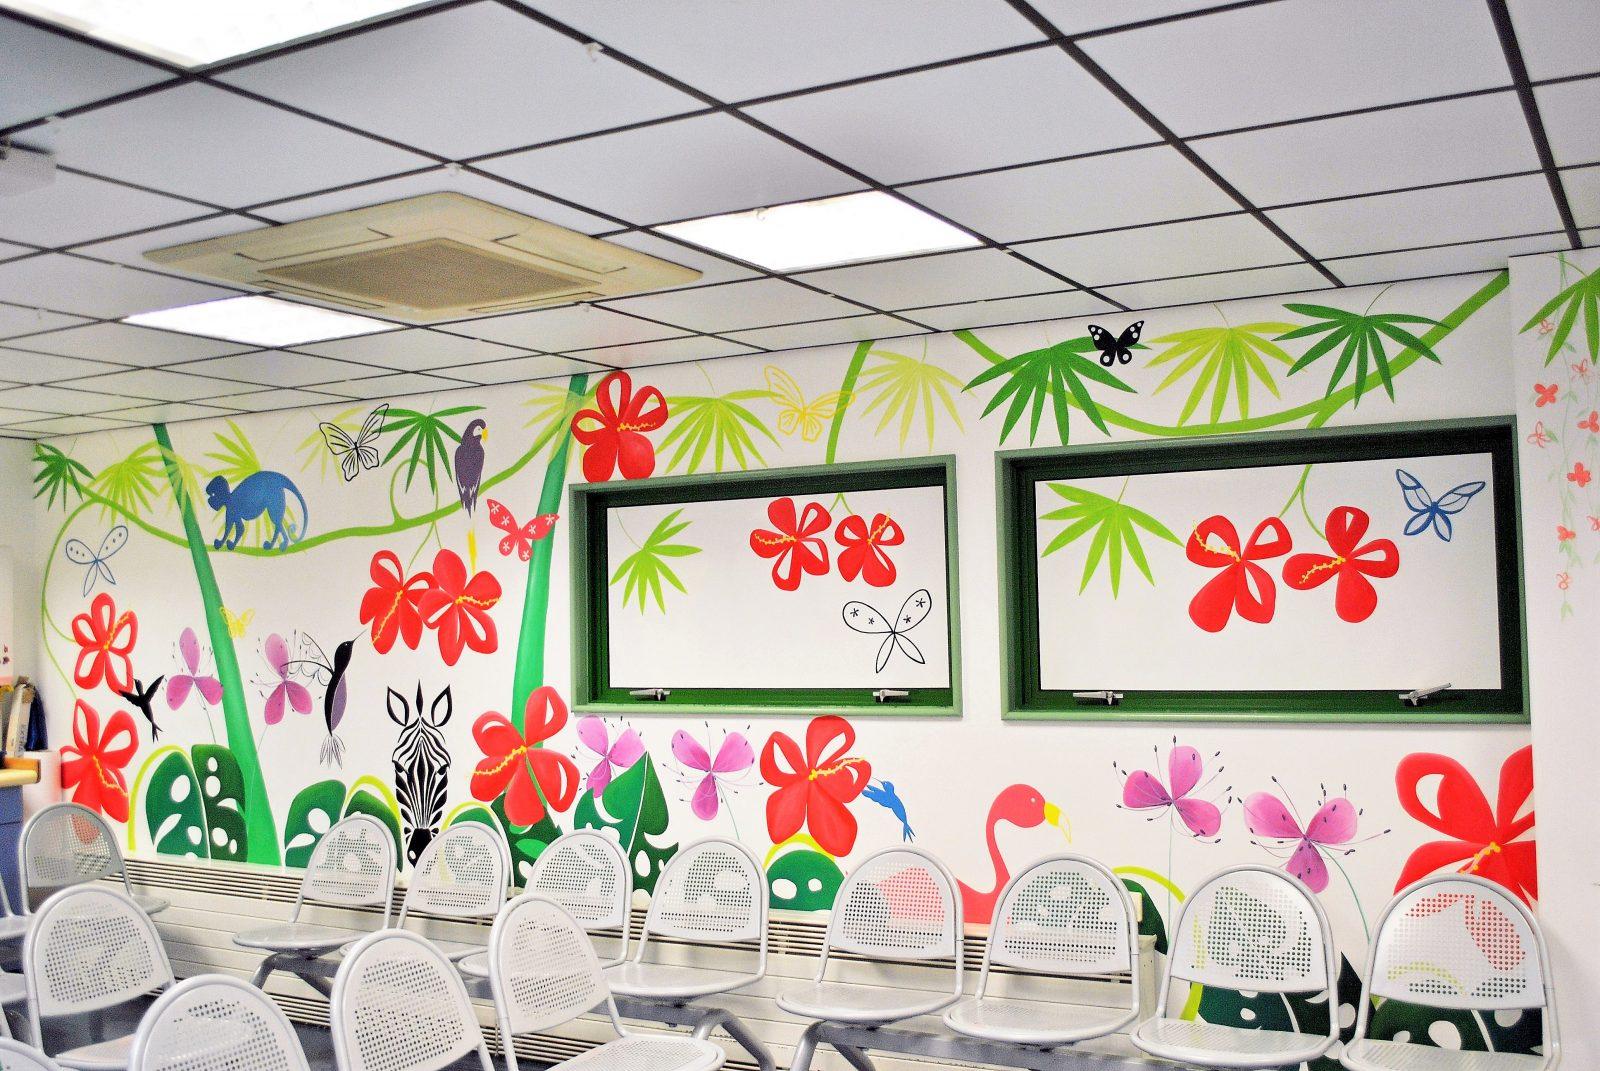 Children's Mural For Hospital